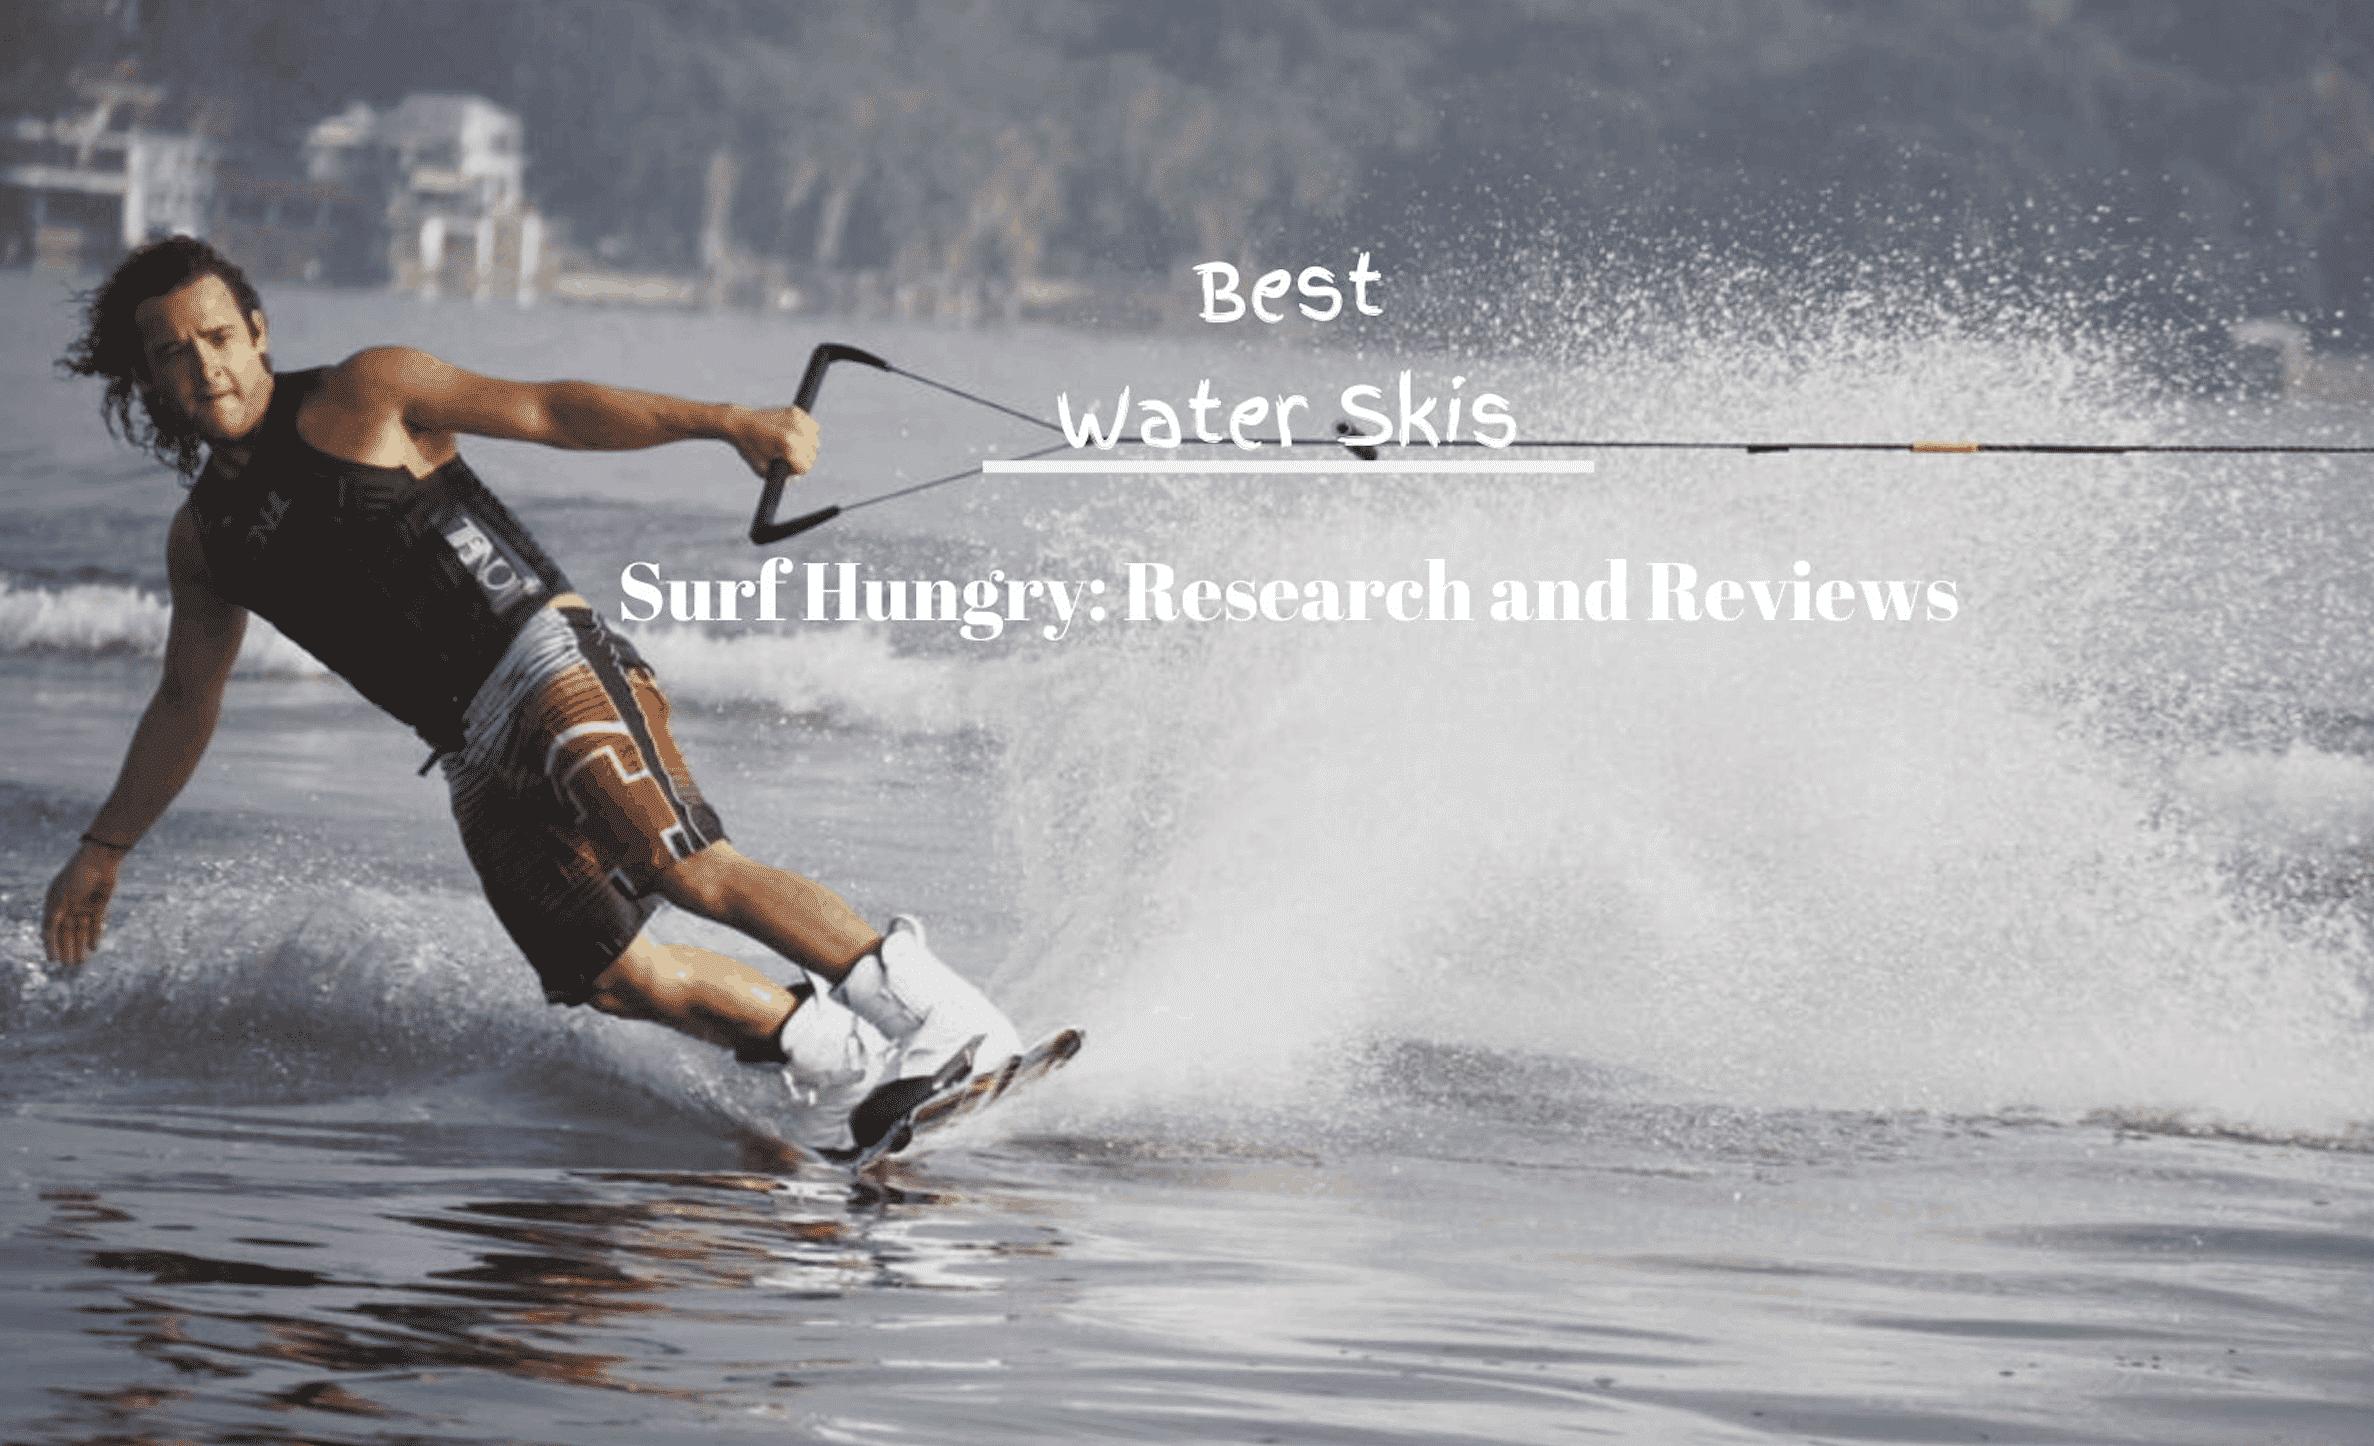 best water skis